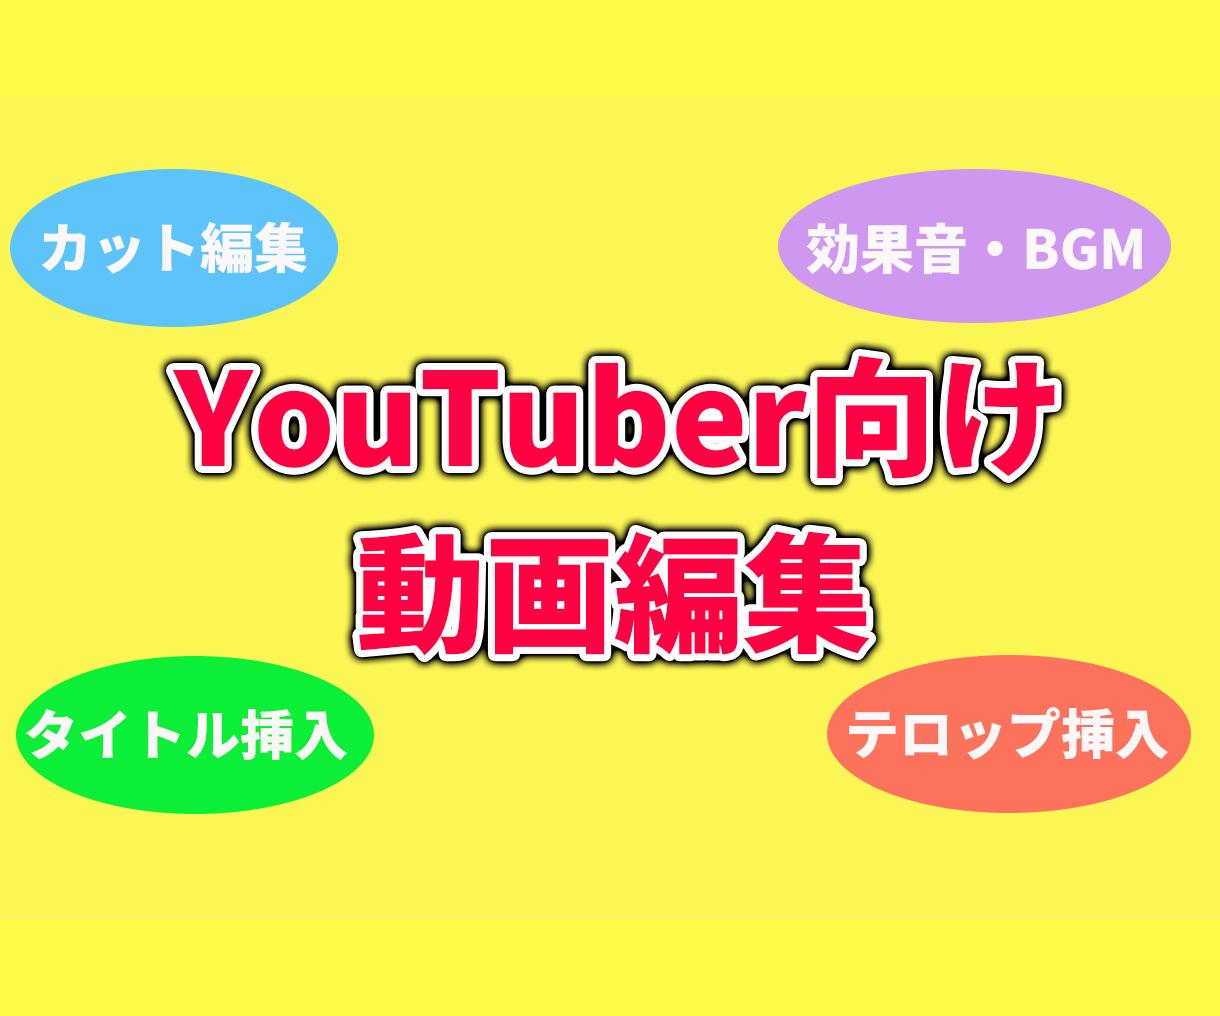 最安2,500円!YouTube動画編集代行します YouTuberを全力で応援します! イメージ1